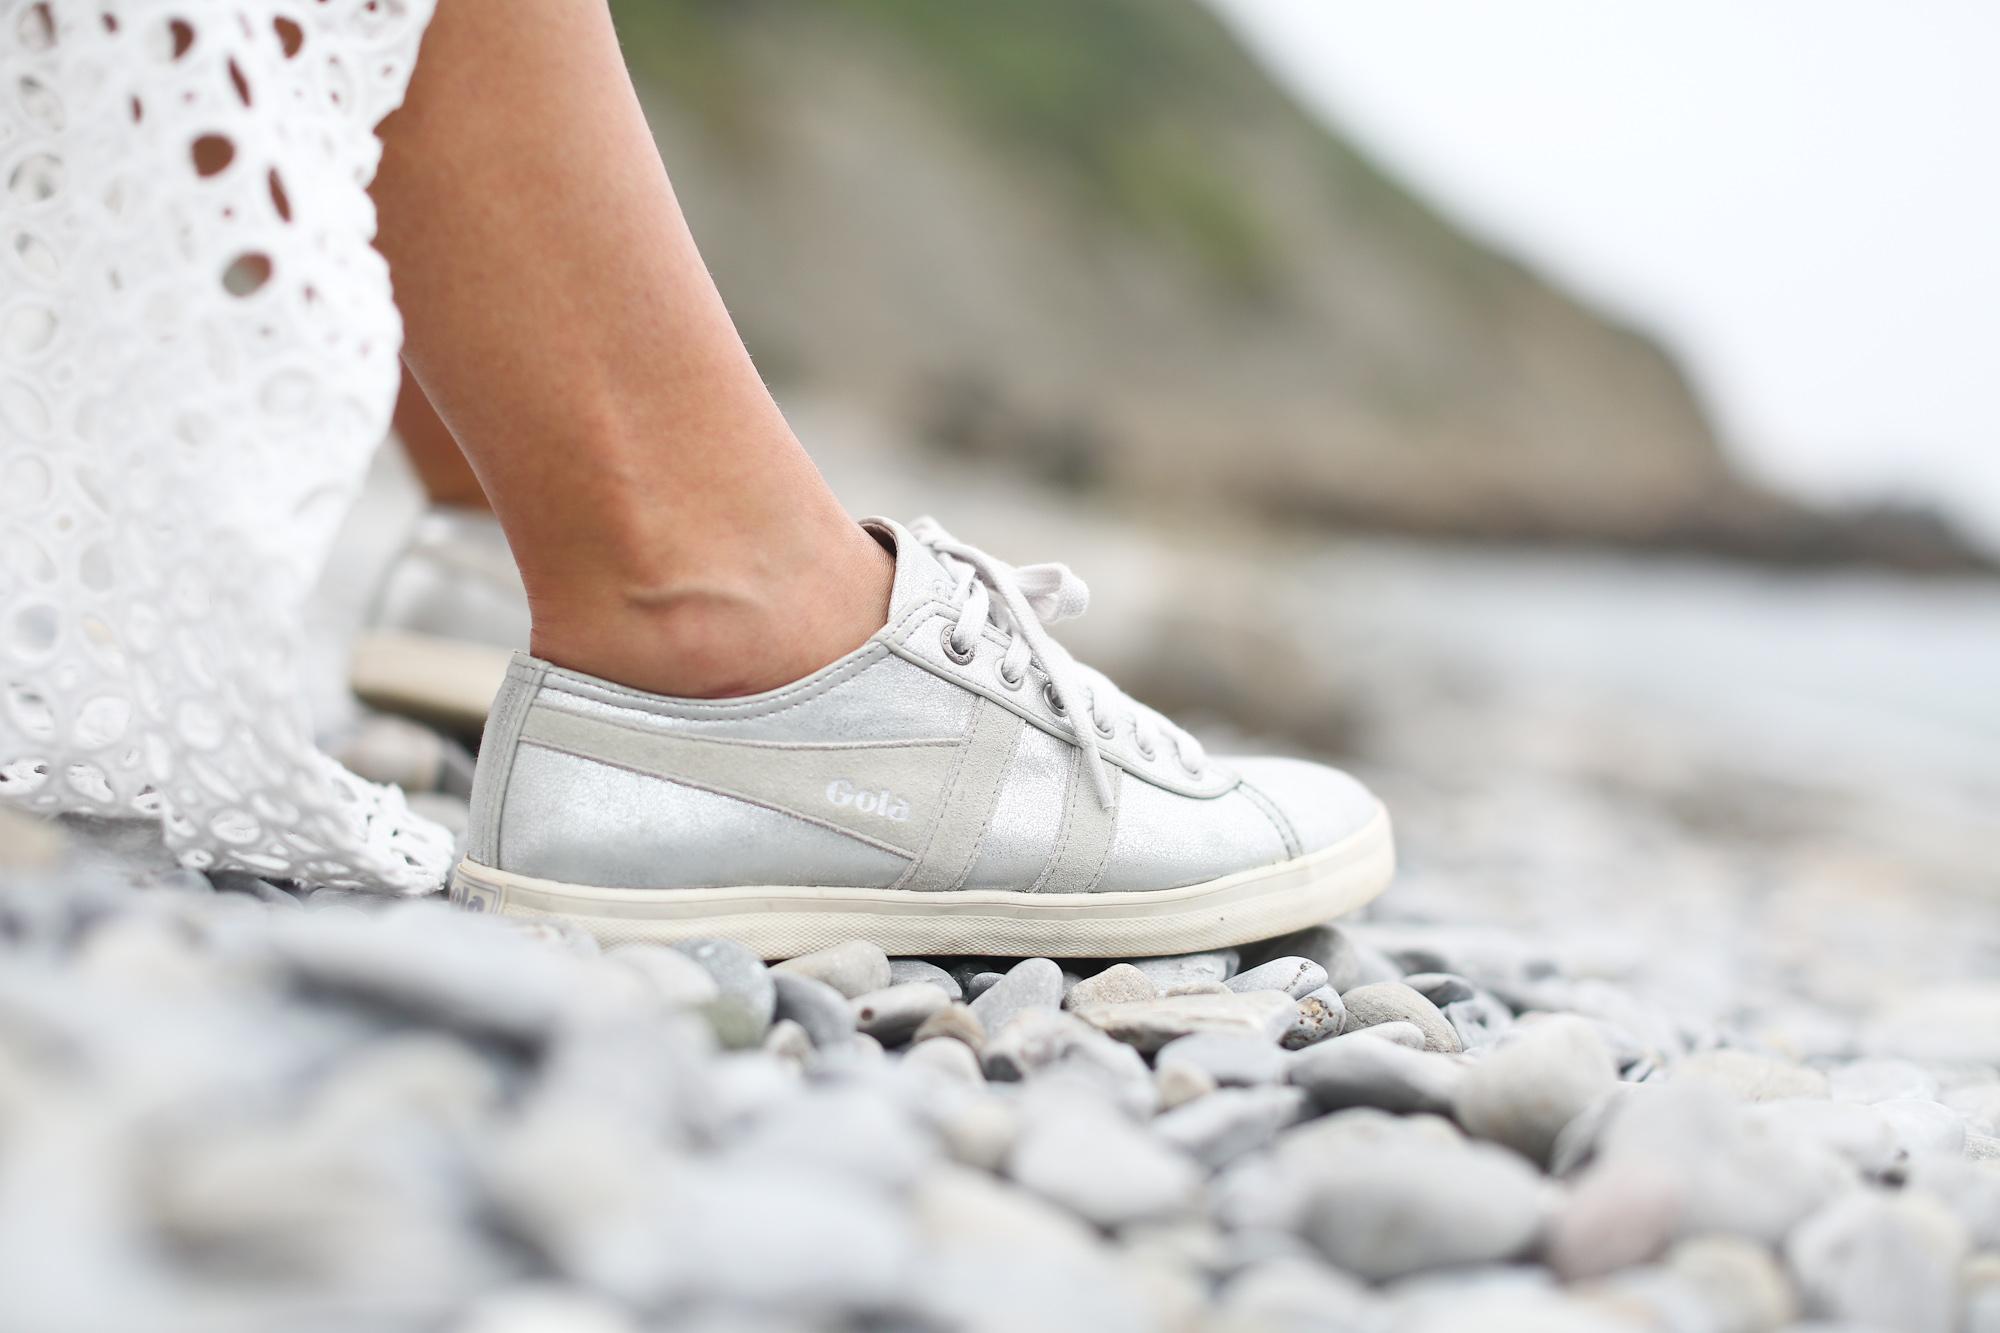 Clochet_streetstyle_gola_footwear_sneakers-17